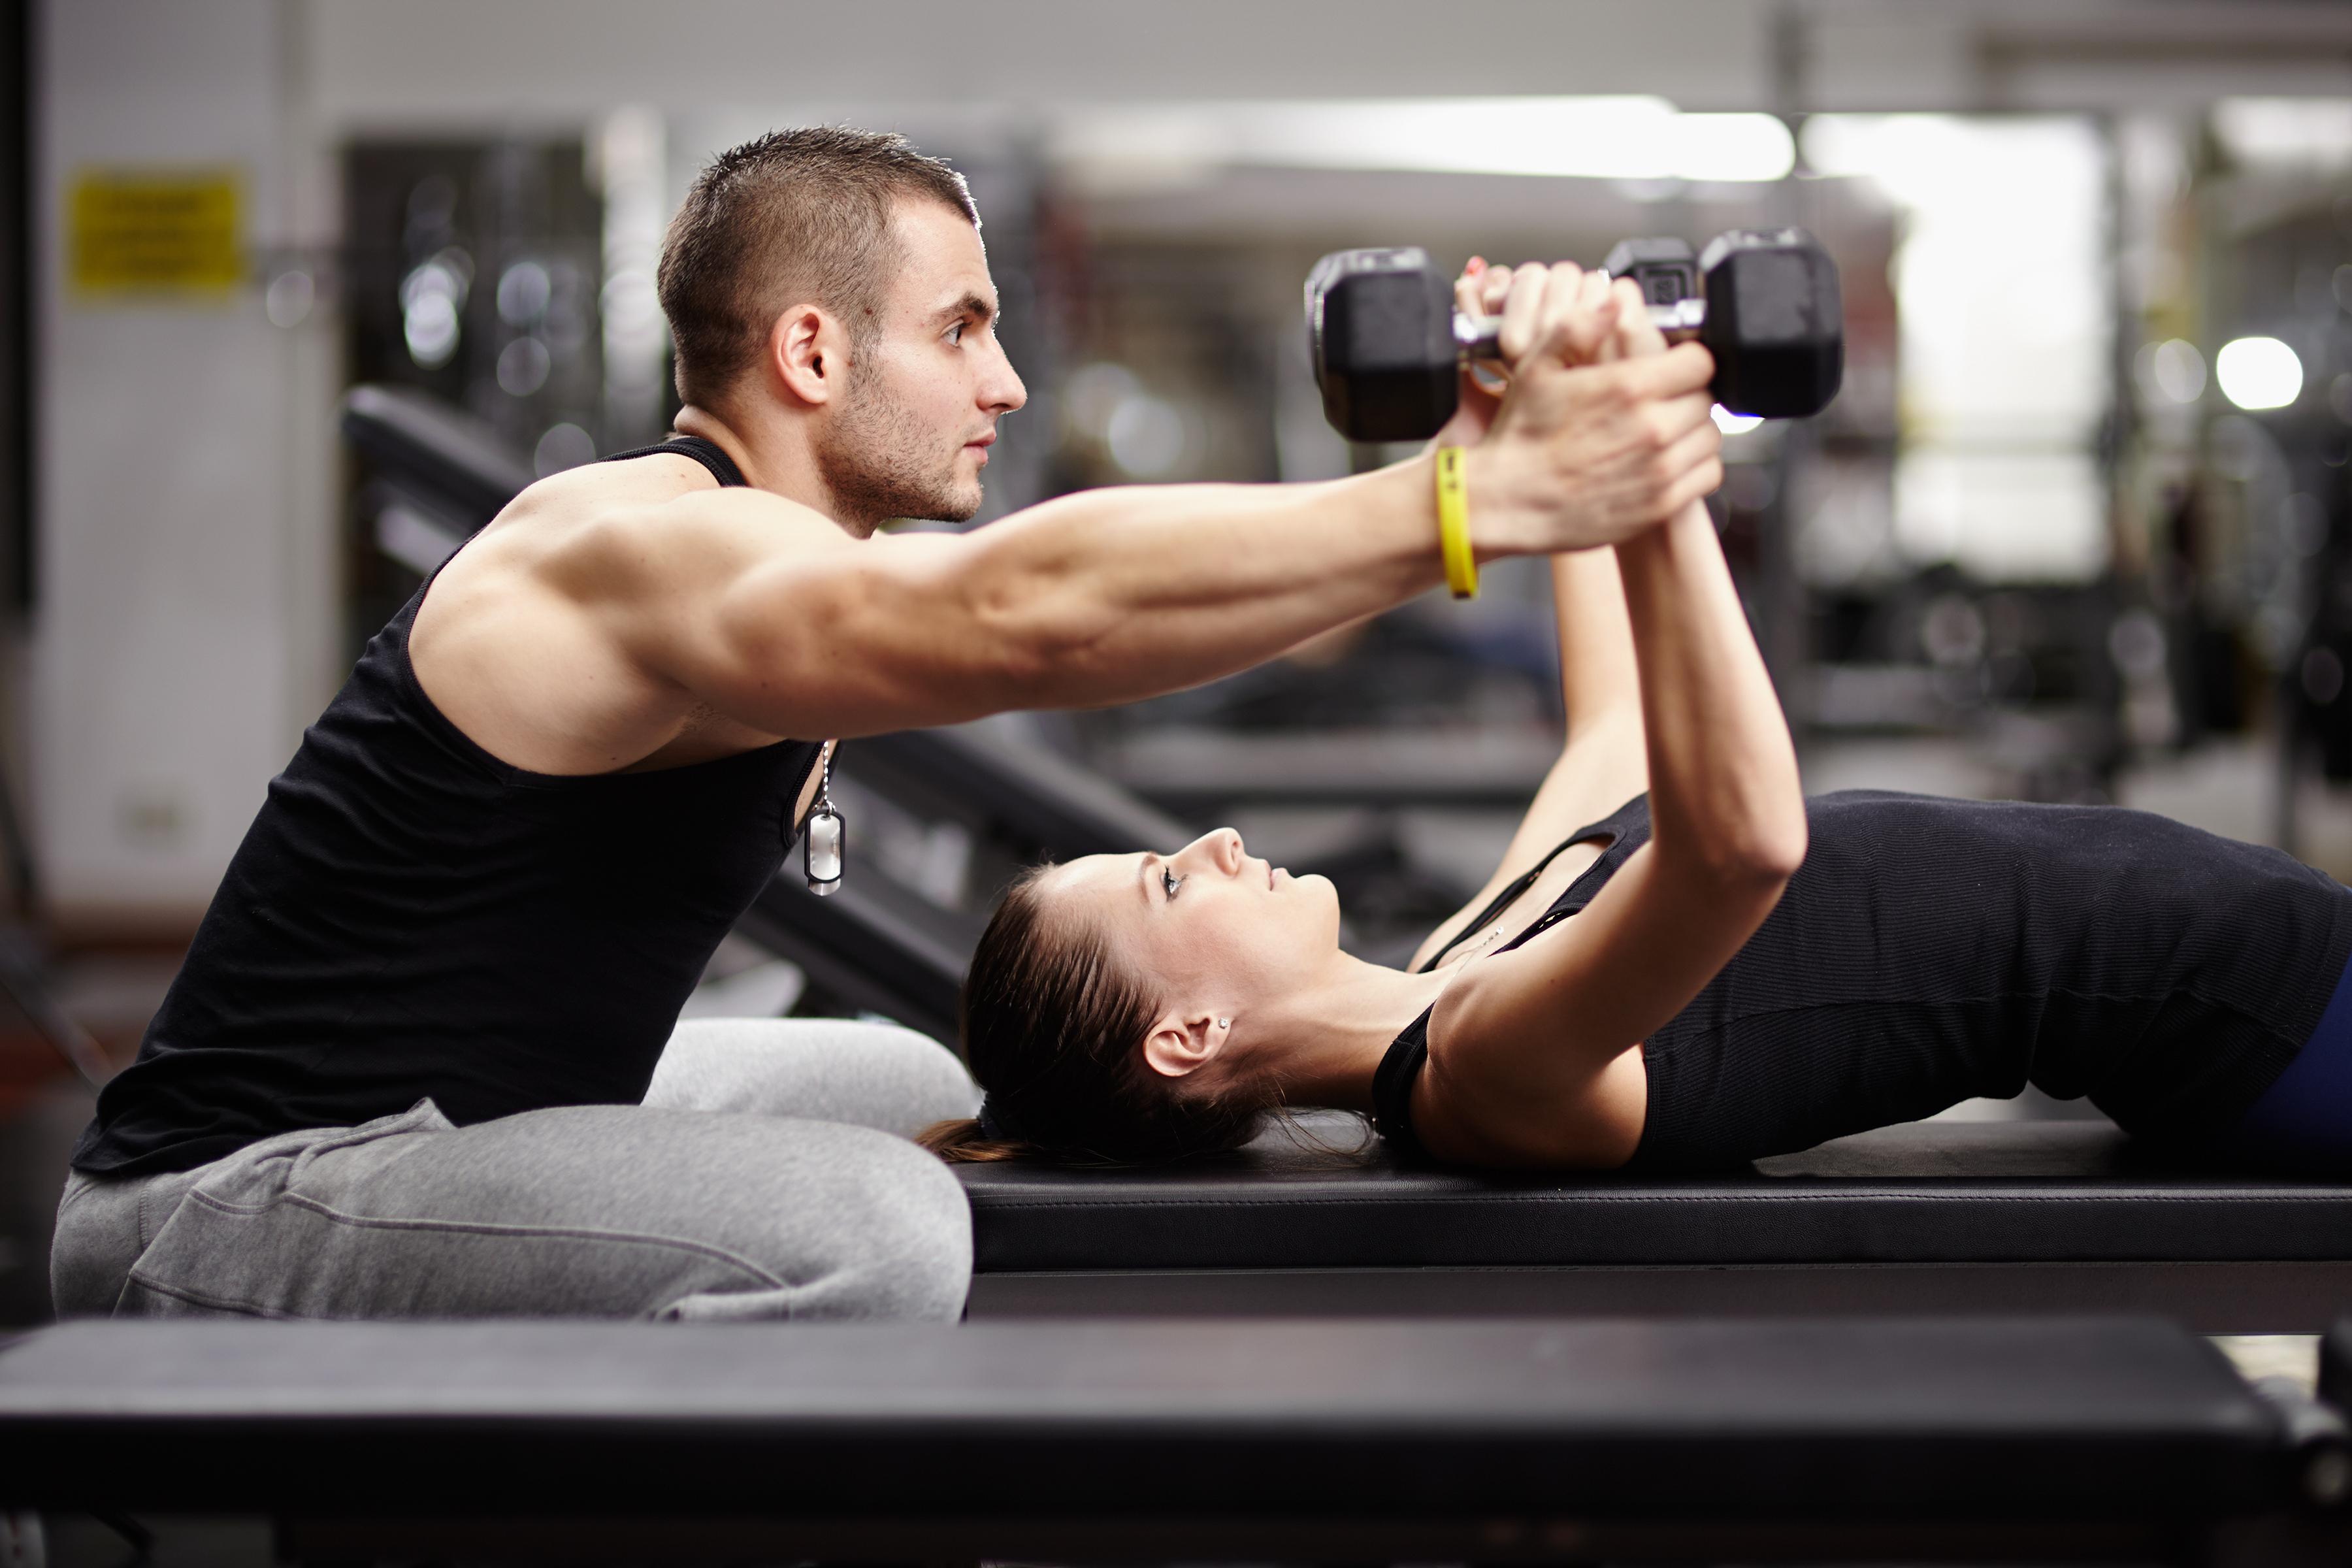 Фитнес дома - тренировки с собственным весом тела - упражнения для начинающих | 1body